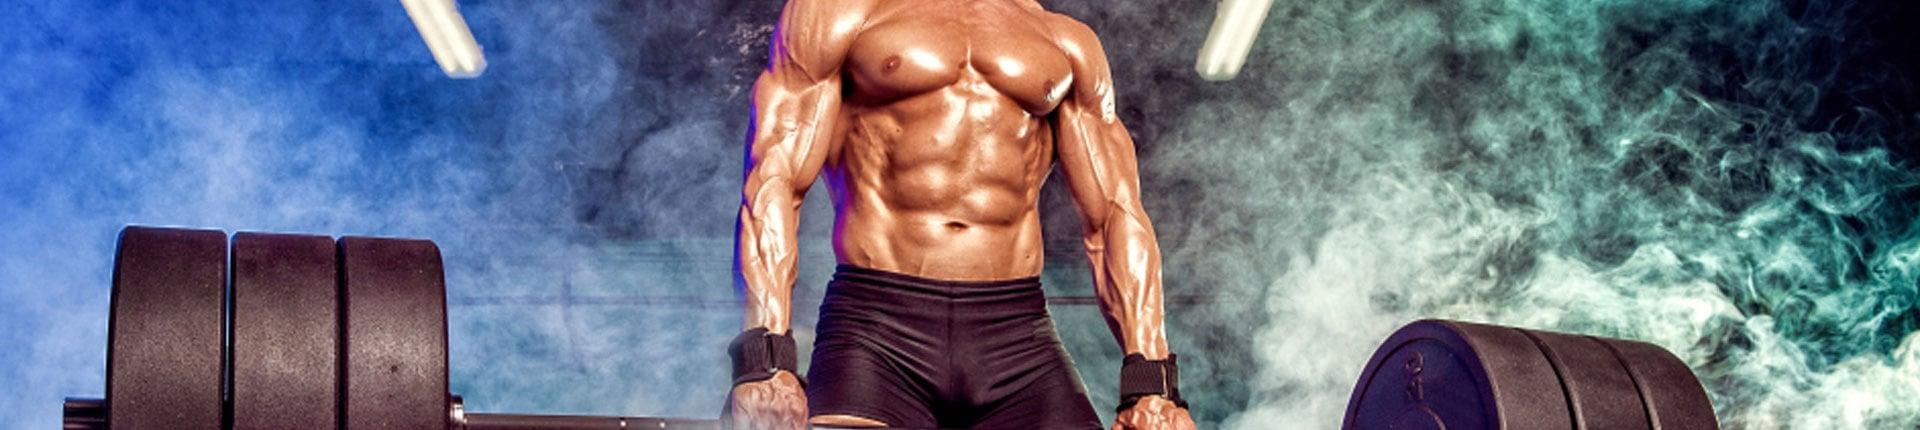 Czy ból mięśni oznacza dobry trening? Na czym polega DOMS?